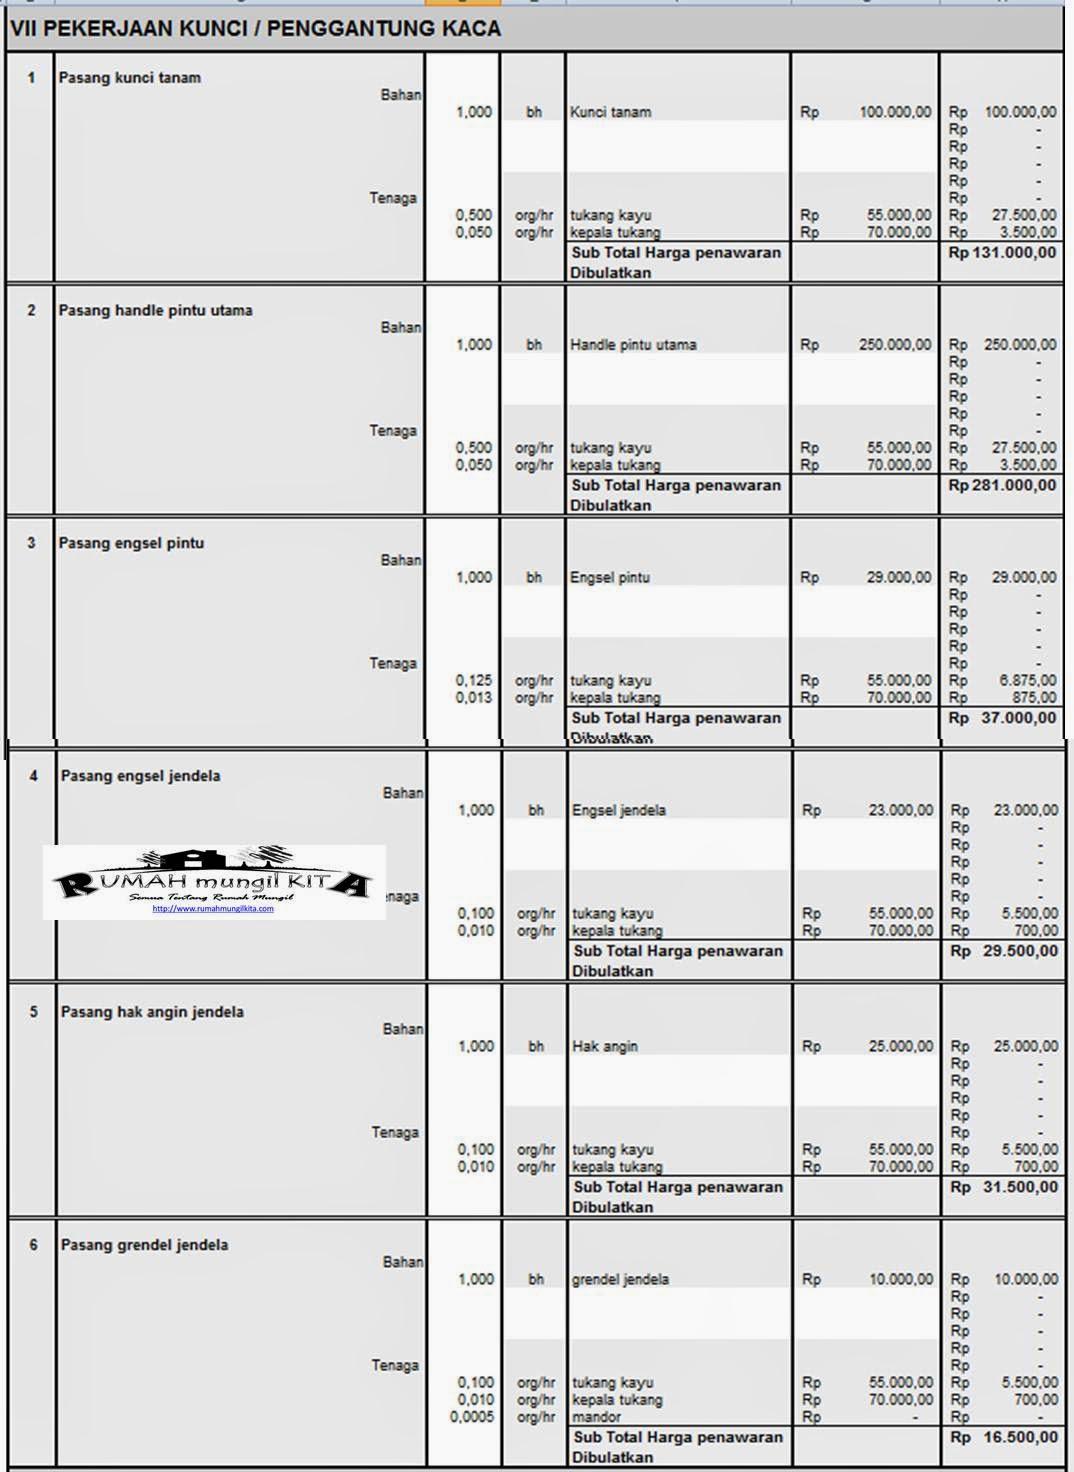 Analisa Anggaran Biaya Pekerjaan Konstruksi III (Pemasangan Kunci, Pengecatan, dan Instalasi Listrik)